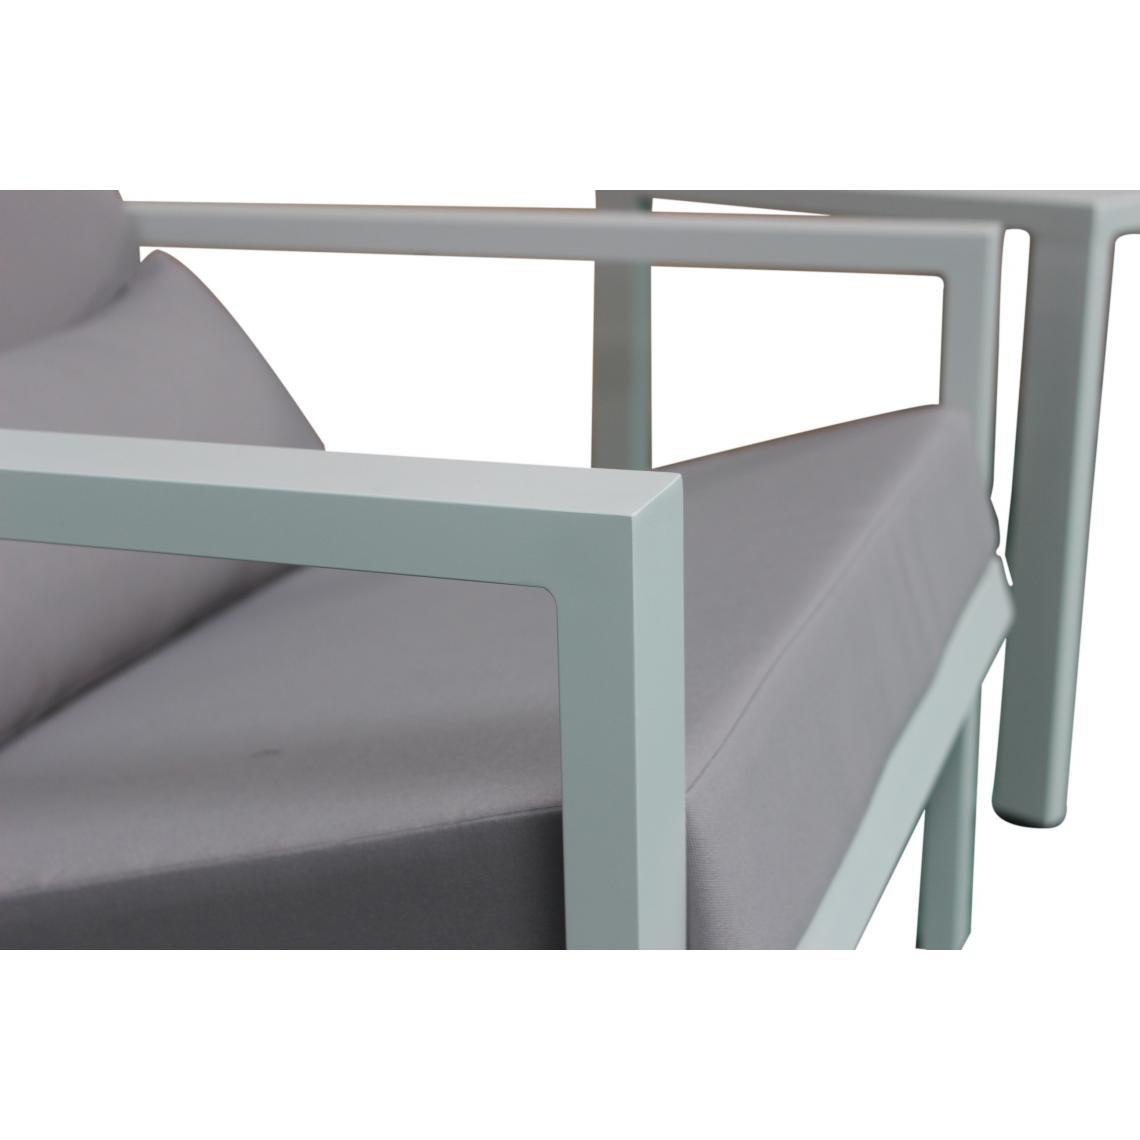 Salon de Jardin En Aluminium Blanc et Gris LINA | 3 SUISSES